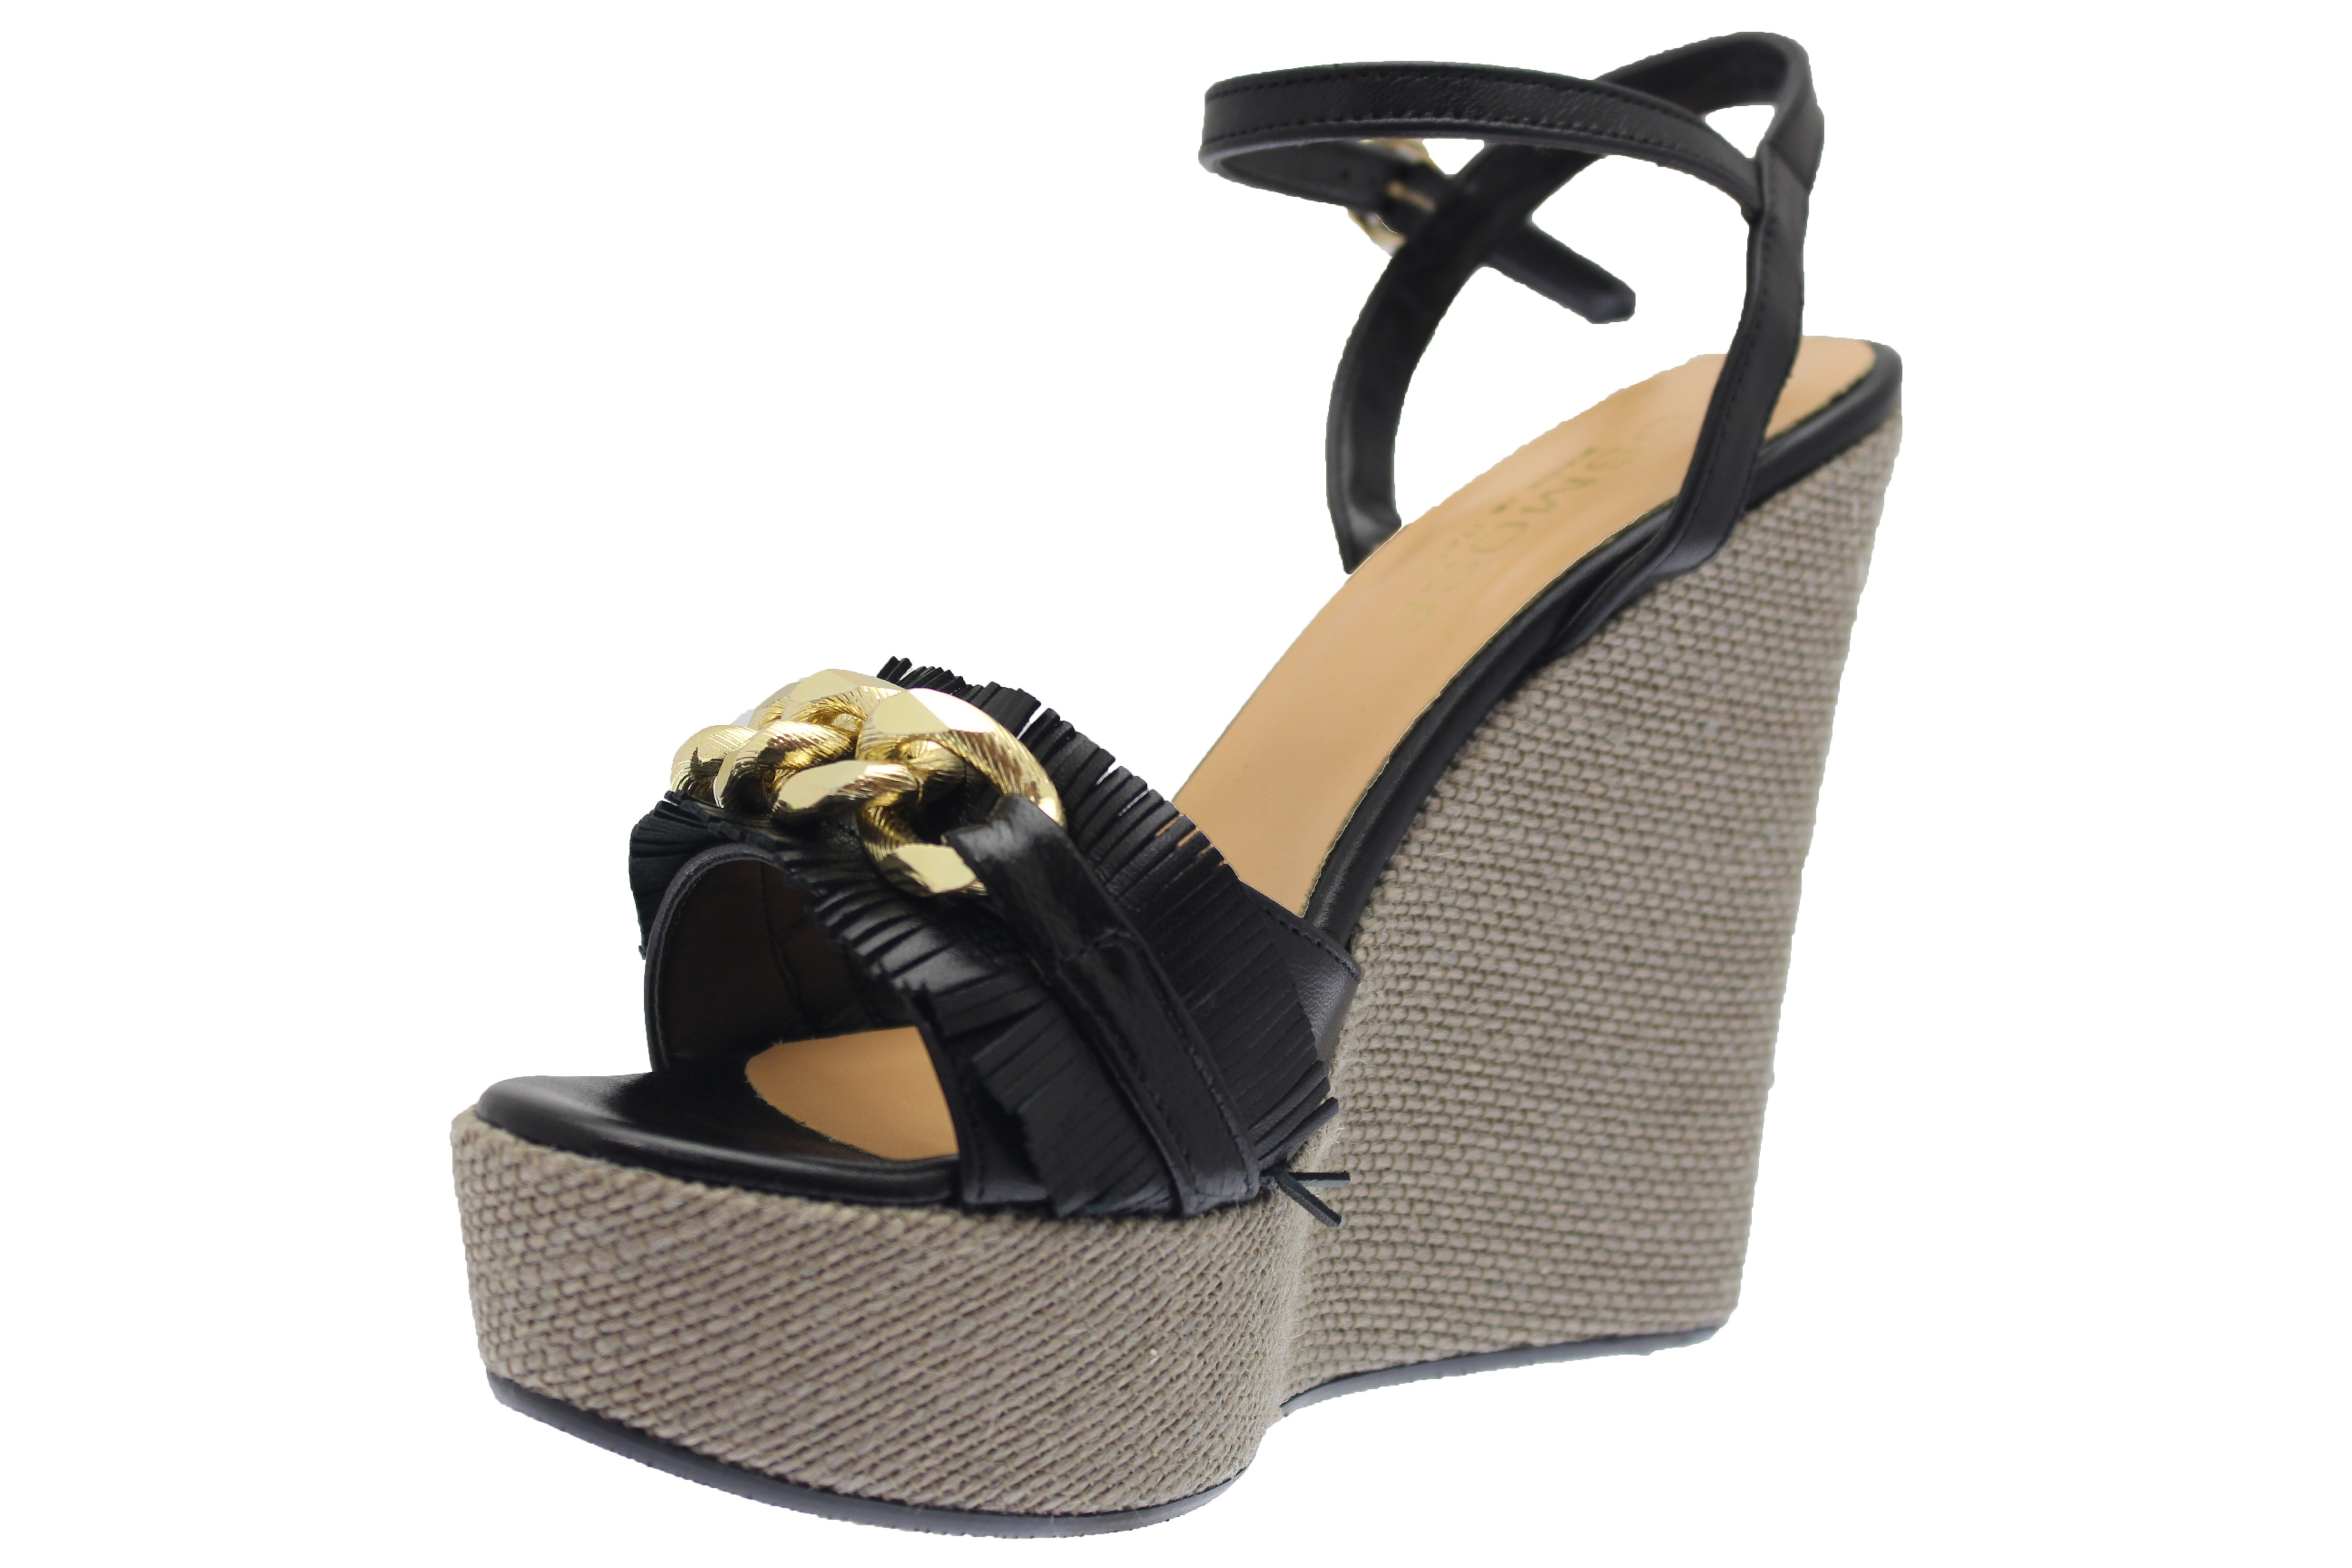 Touche De Chaussure Shoes Black Compensée Paris En La Femme Osmose Qrdhst